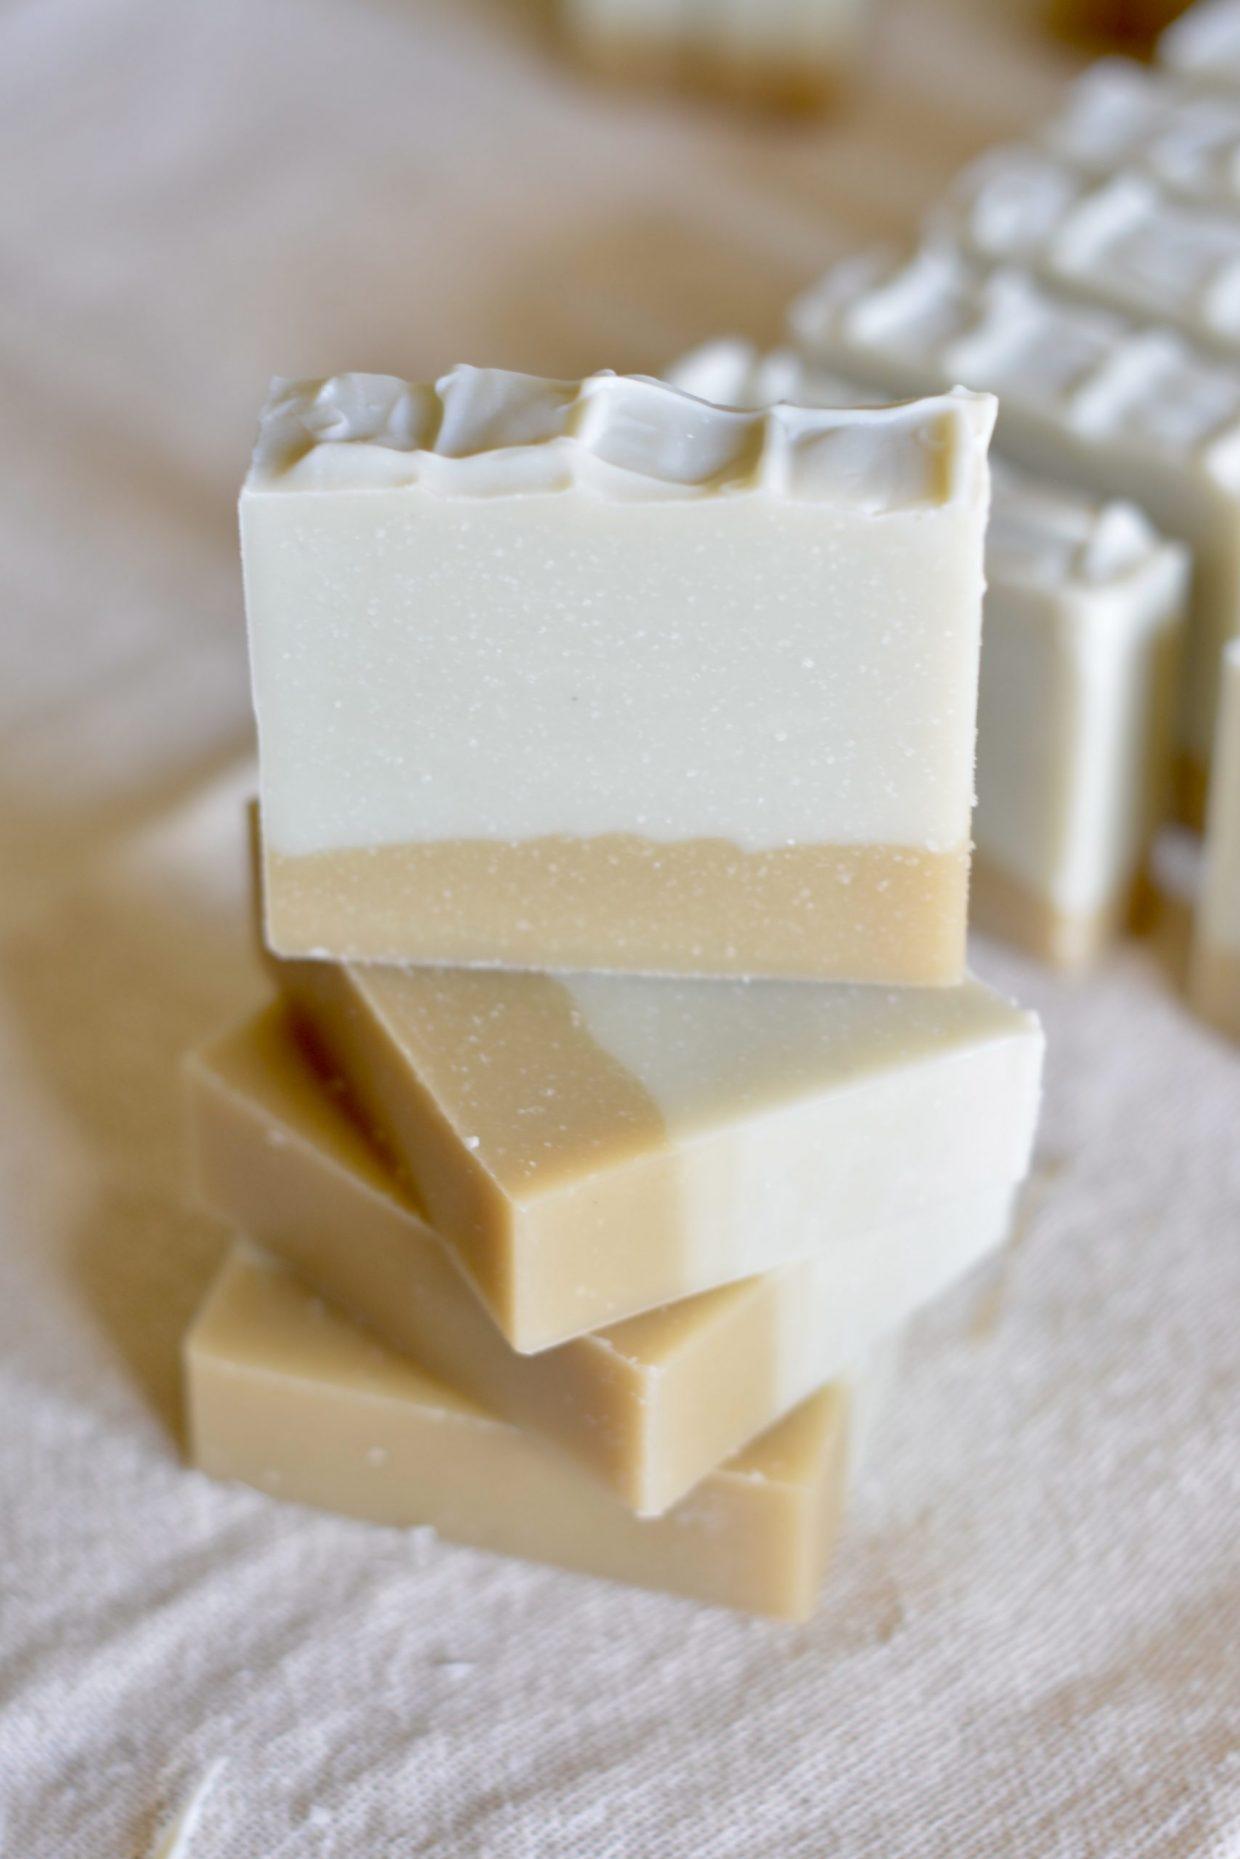 Criados a partir de óleos essencias nobres, os sabonetes também apostam na estética para agradar aos consumidores.